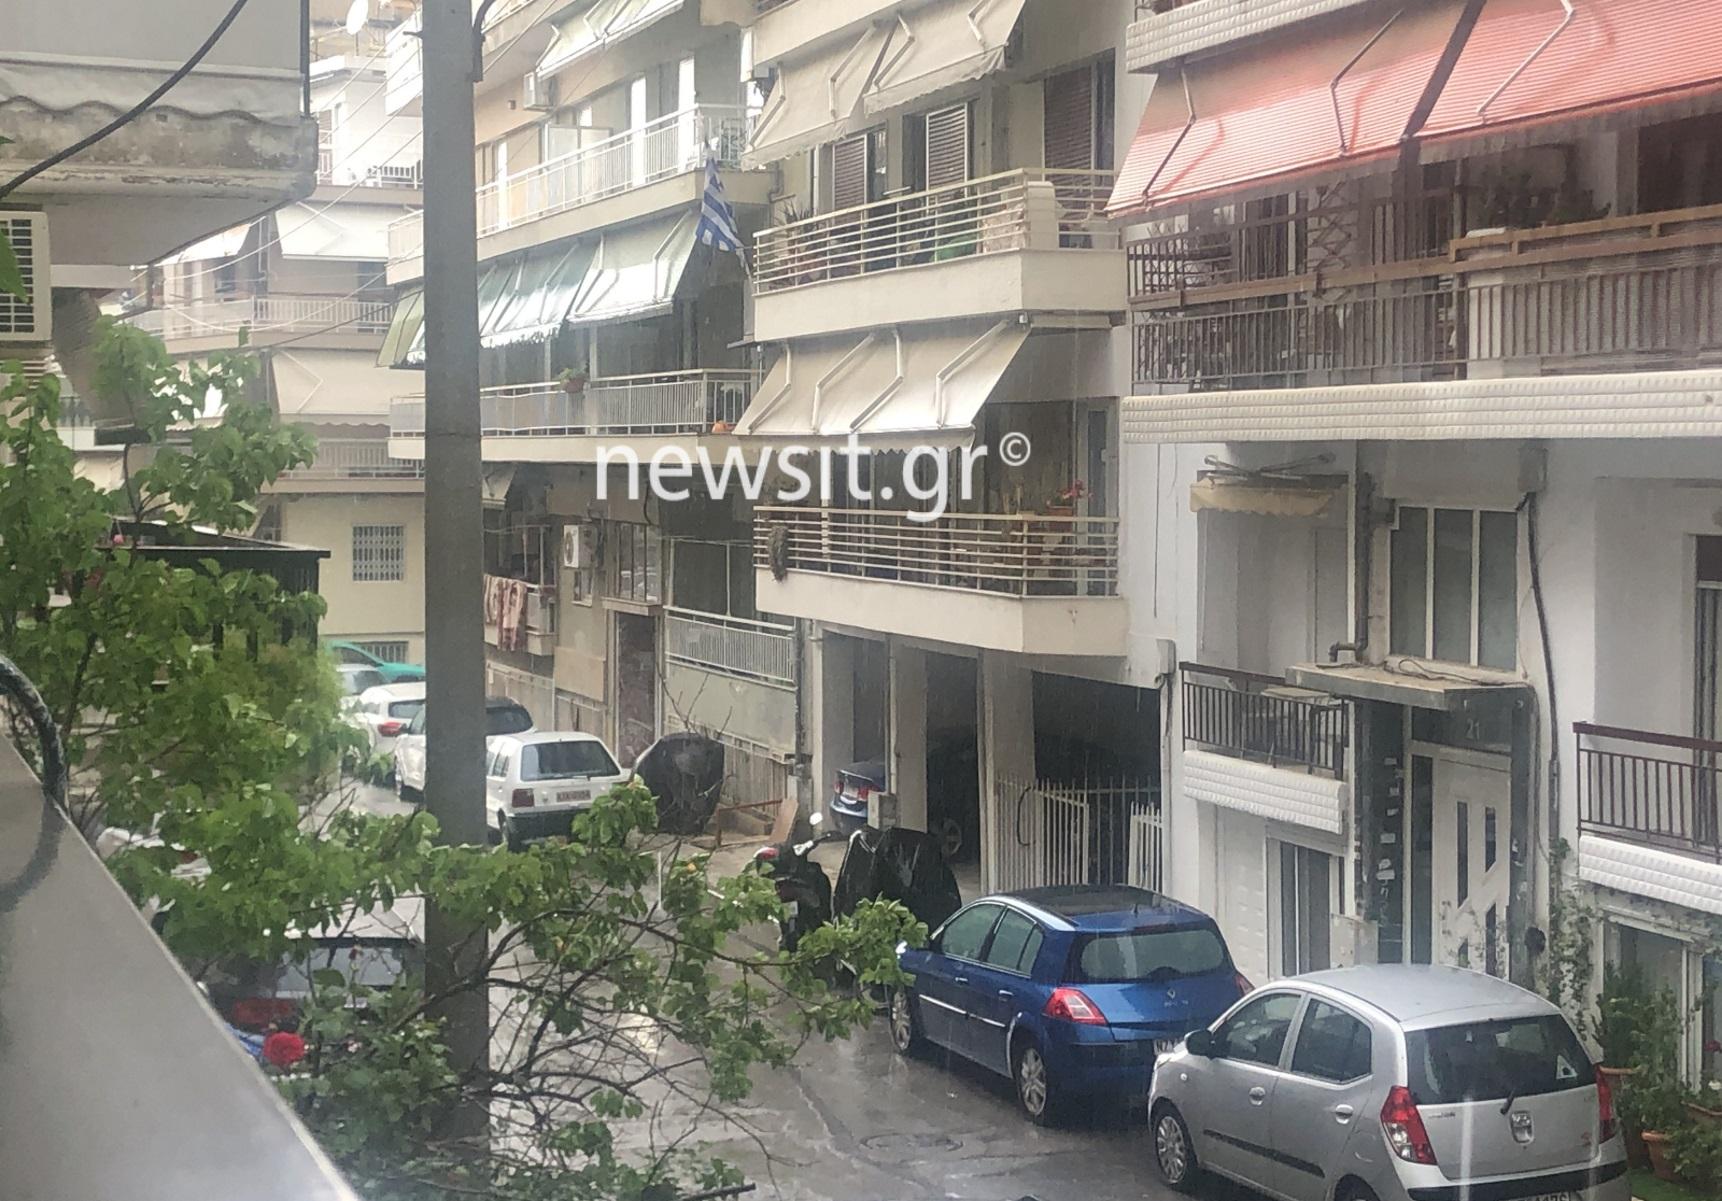 Καιρός – Θεσσαλονίκη: Καλοκαιρινή μπόρα – Άνοιξαν ομπρέλες, παρέλυσαν δρόμοι (pics)